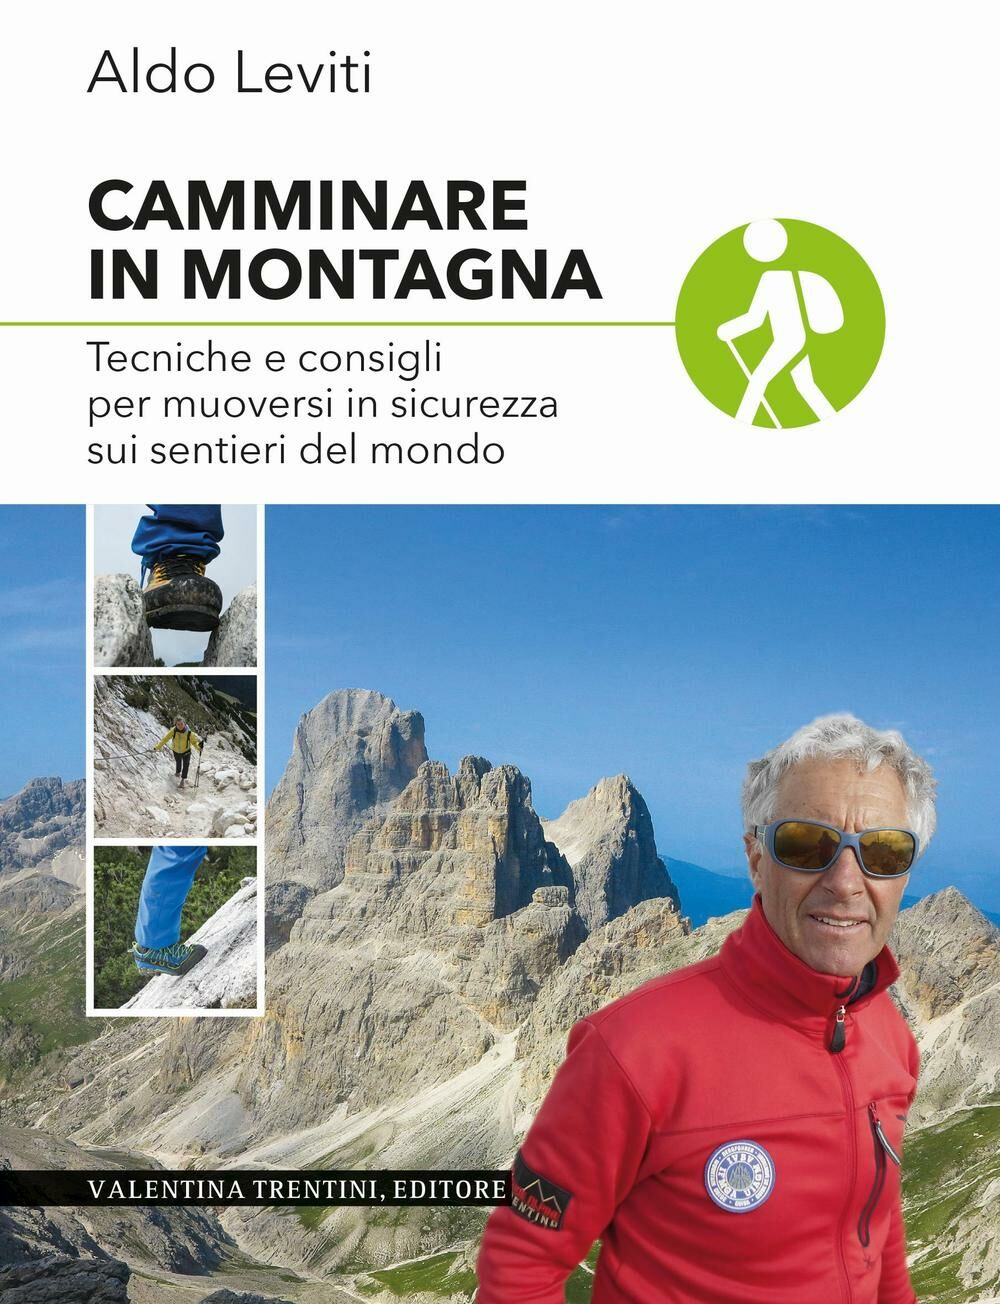 Camminare in montagna. Tecniche e consigli per muoversi in sicurezza sui sentieri del mondo